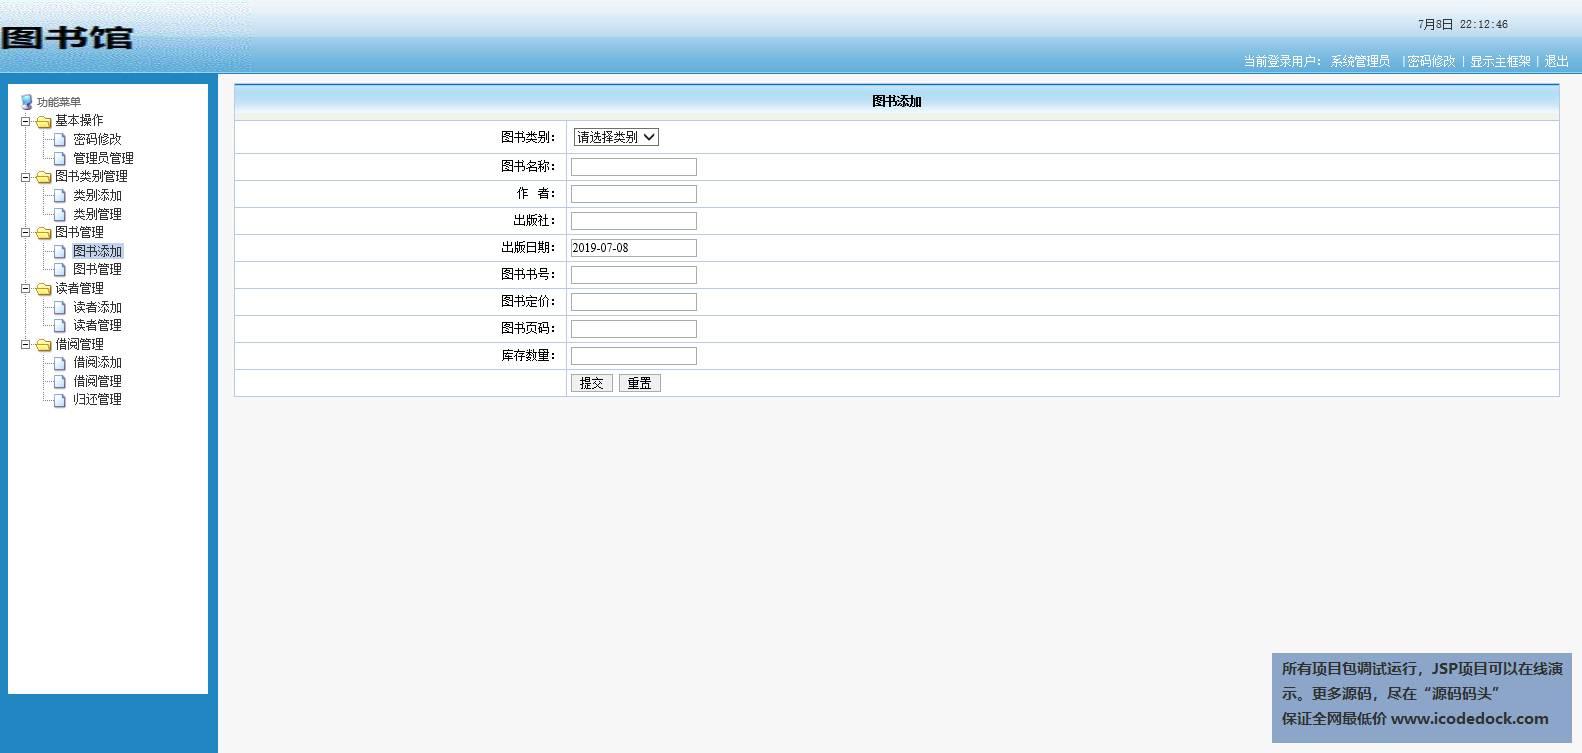 源码码头-JSP图书管理系统-图书添加页面